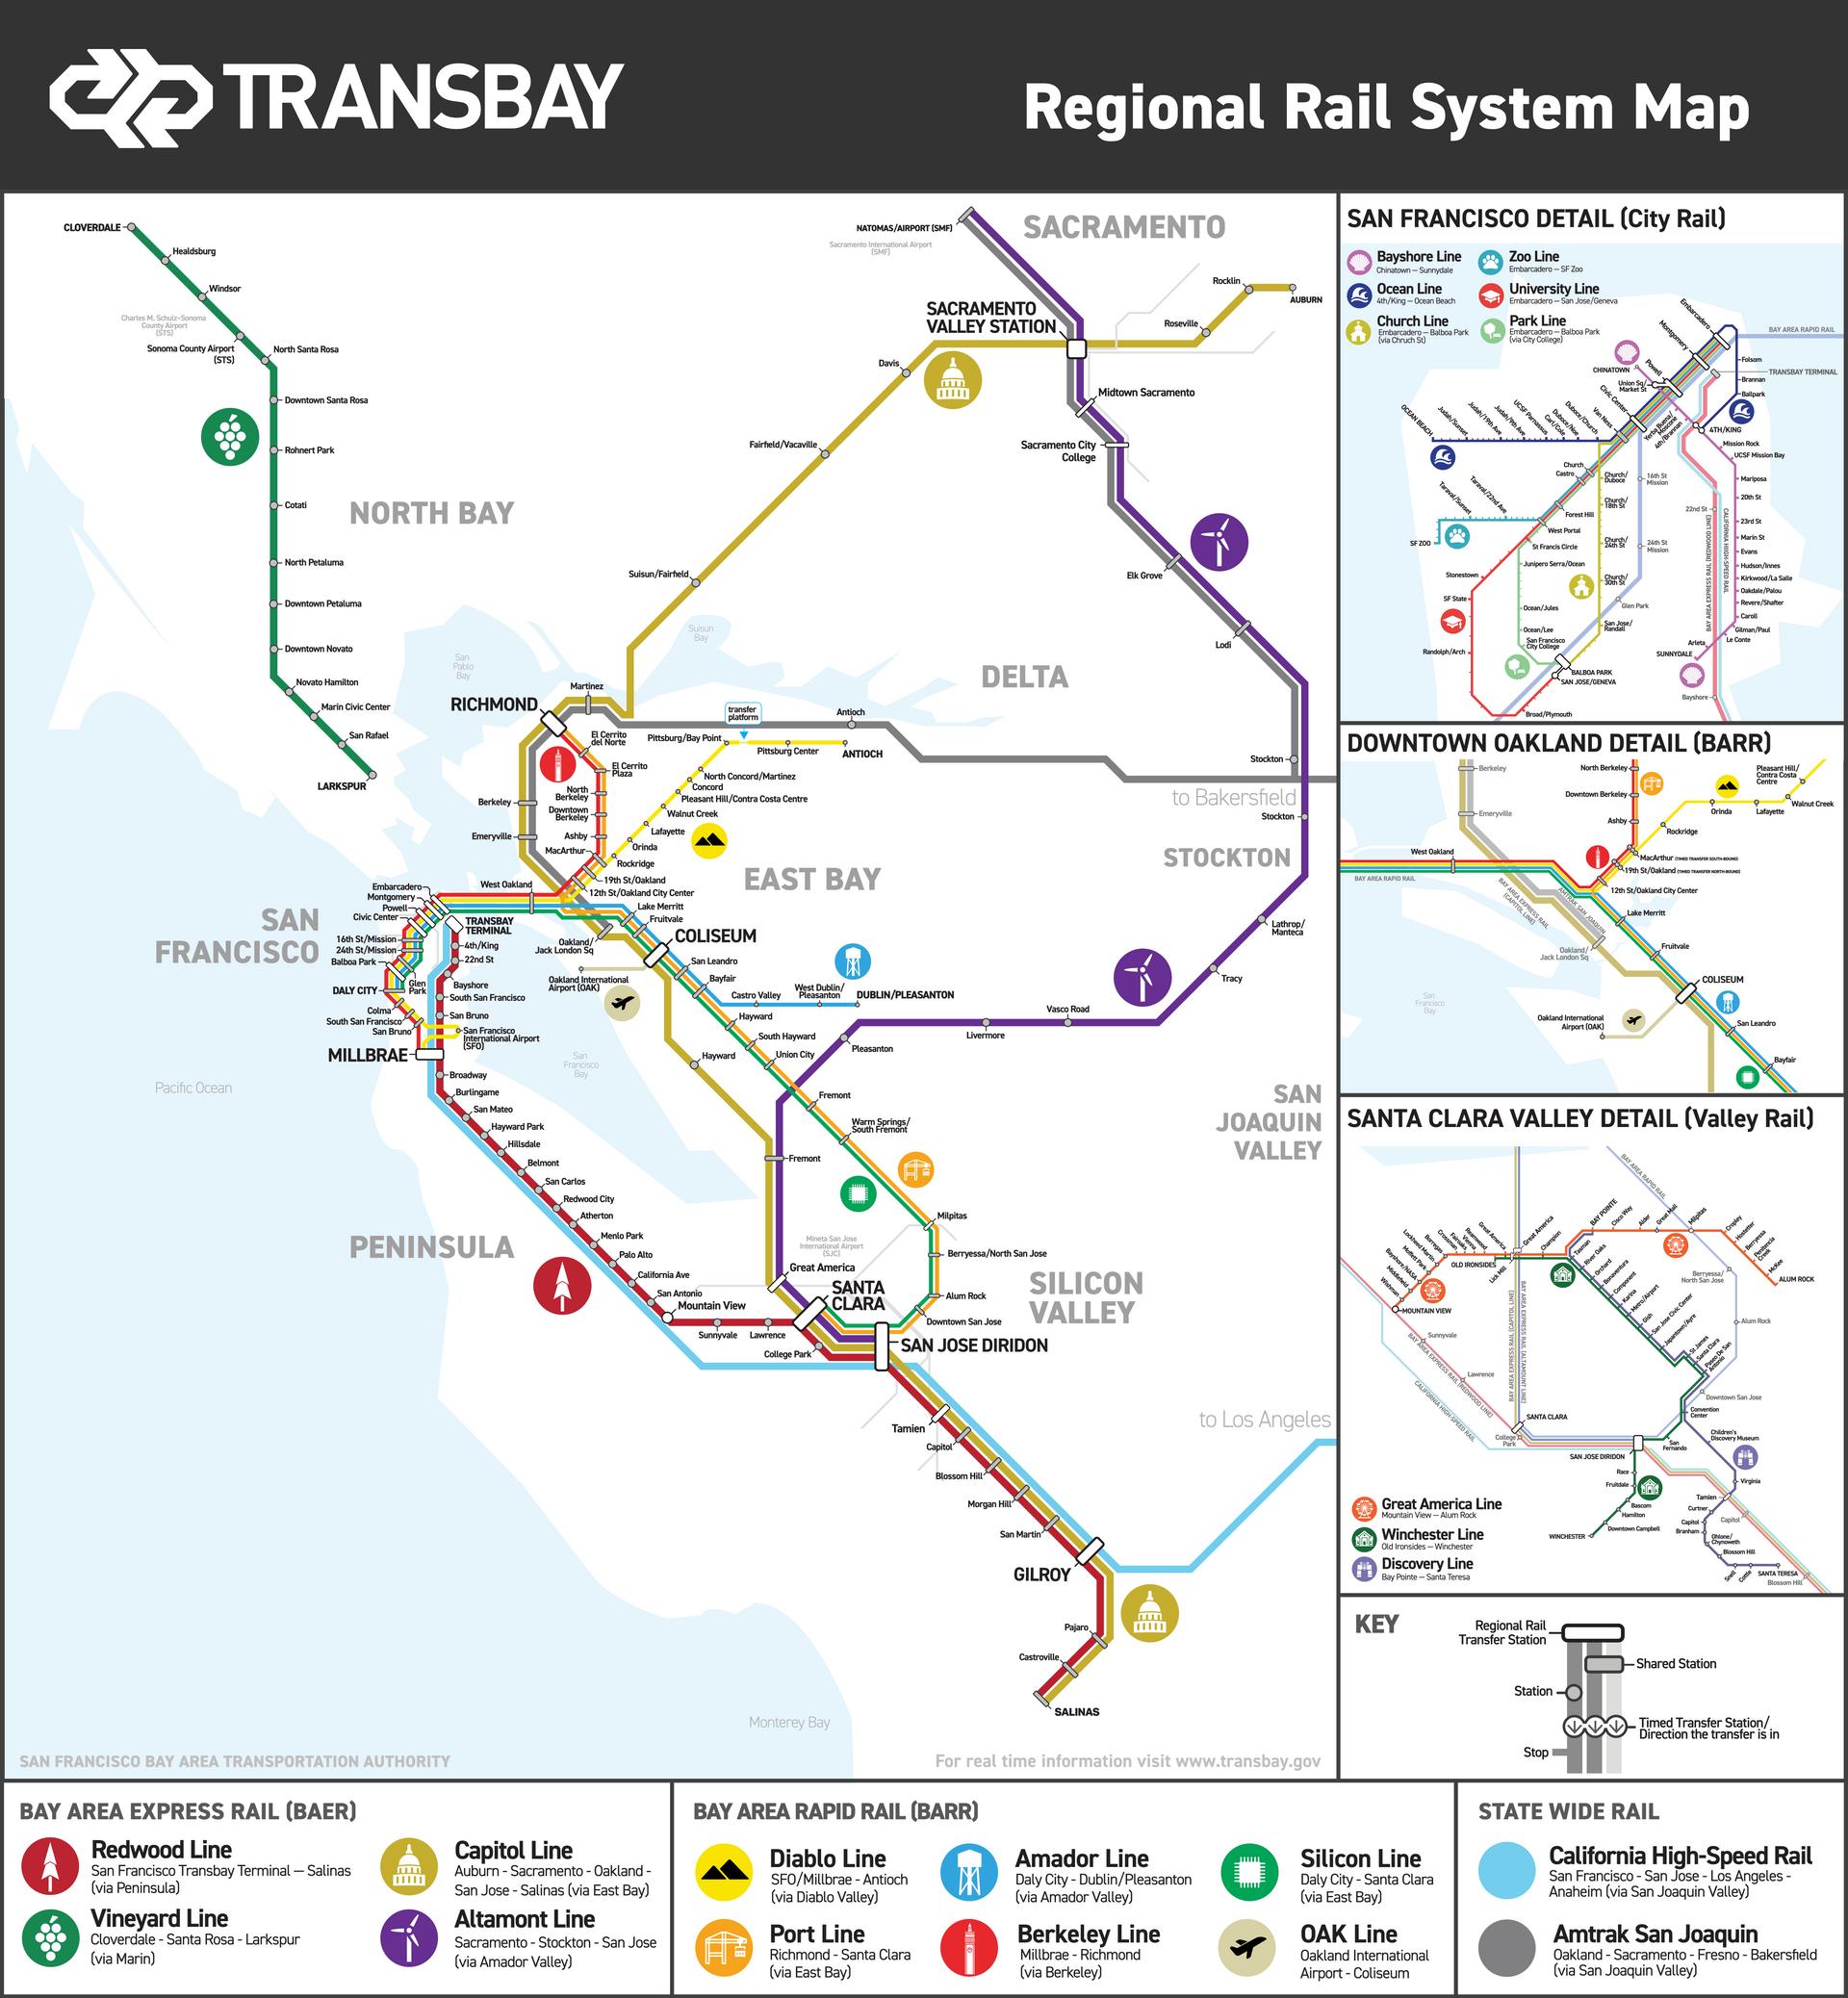 Transbay Regional Rail System Map